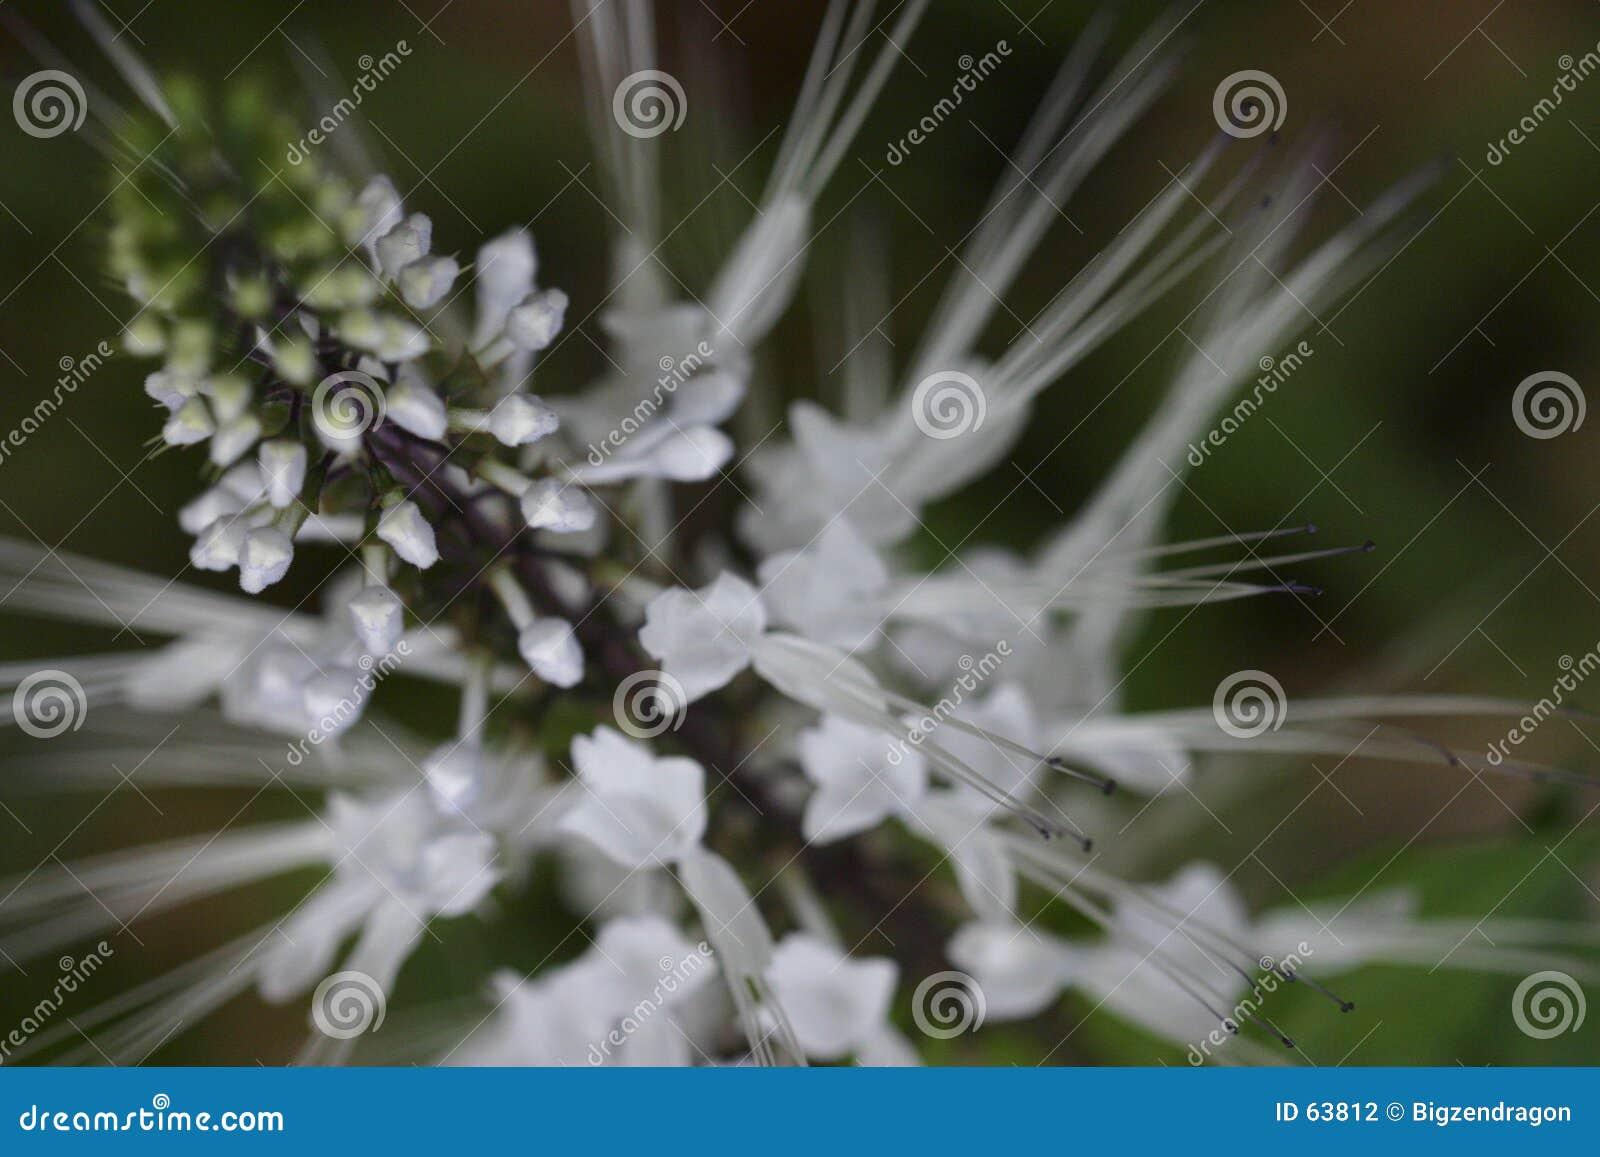 Download Fleur en épi blanche photo stock. Image du jardin, régénérez - 63812